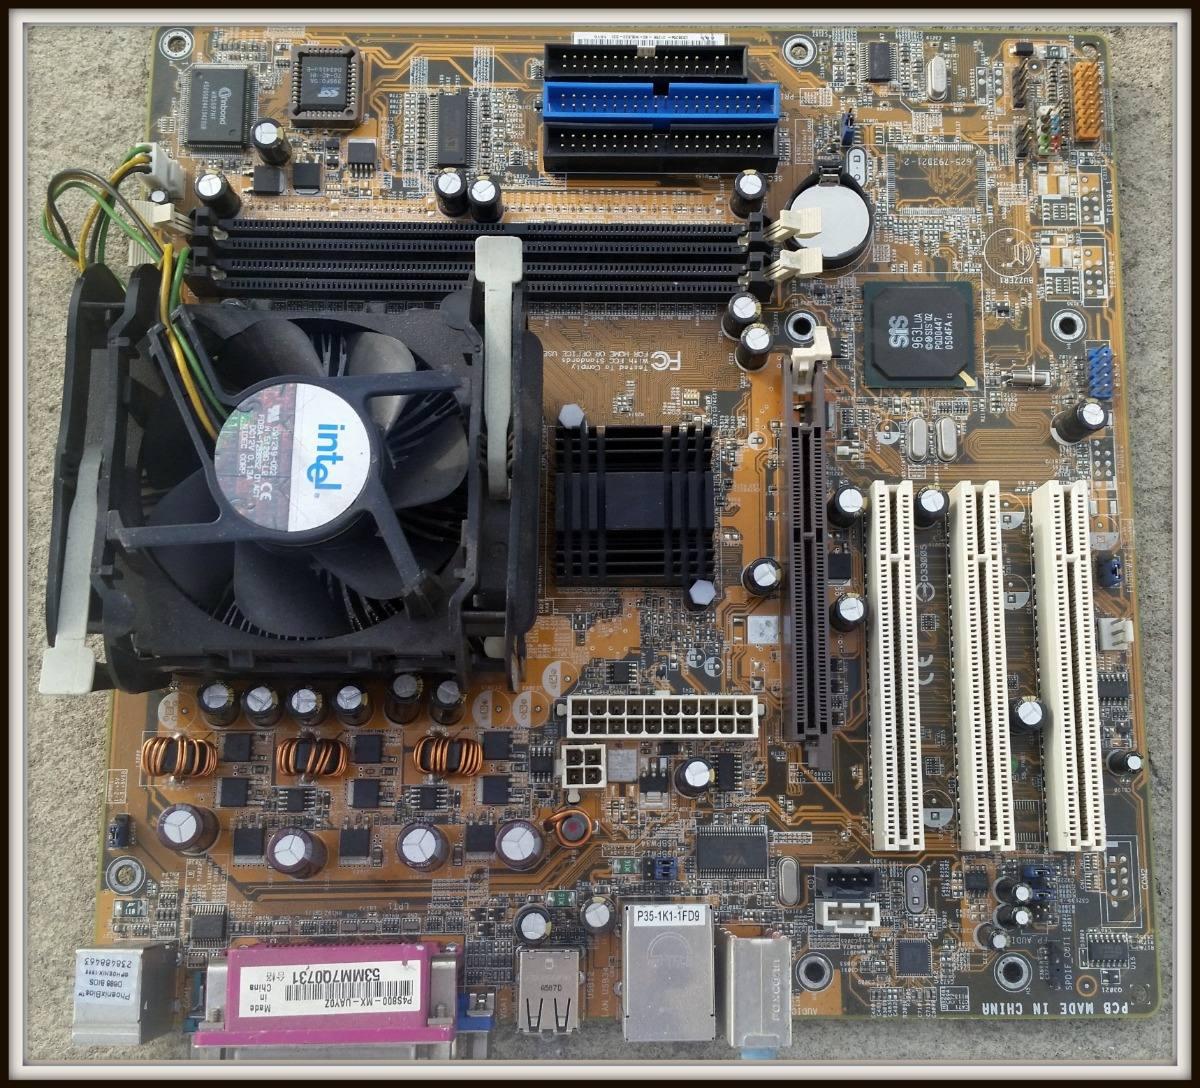 ASUS P4S800 MX Windows 8 X64